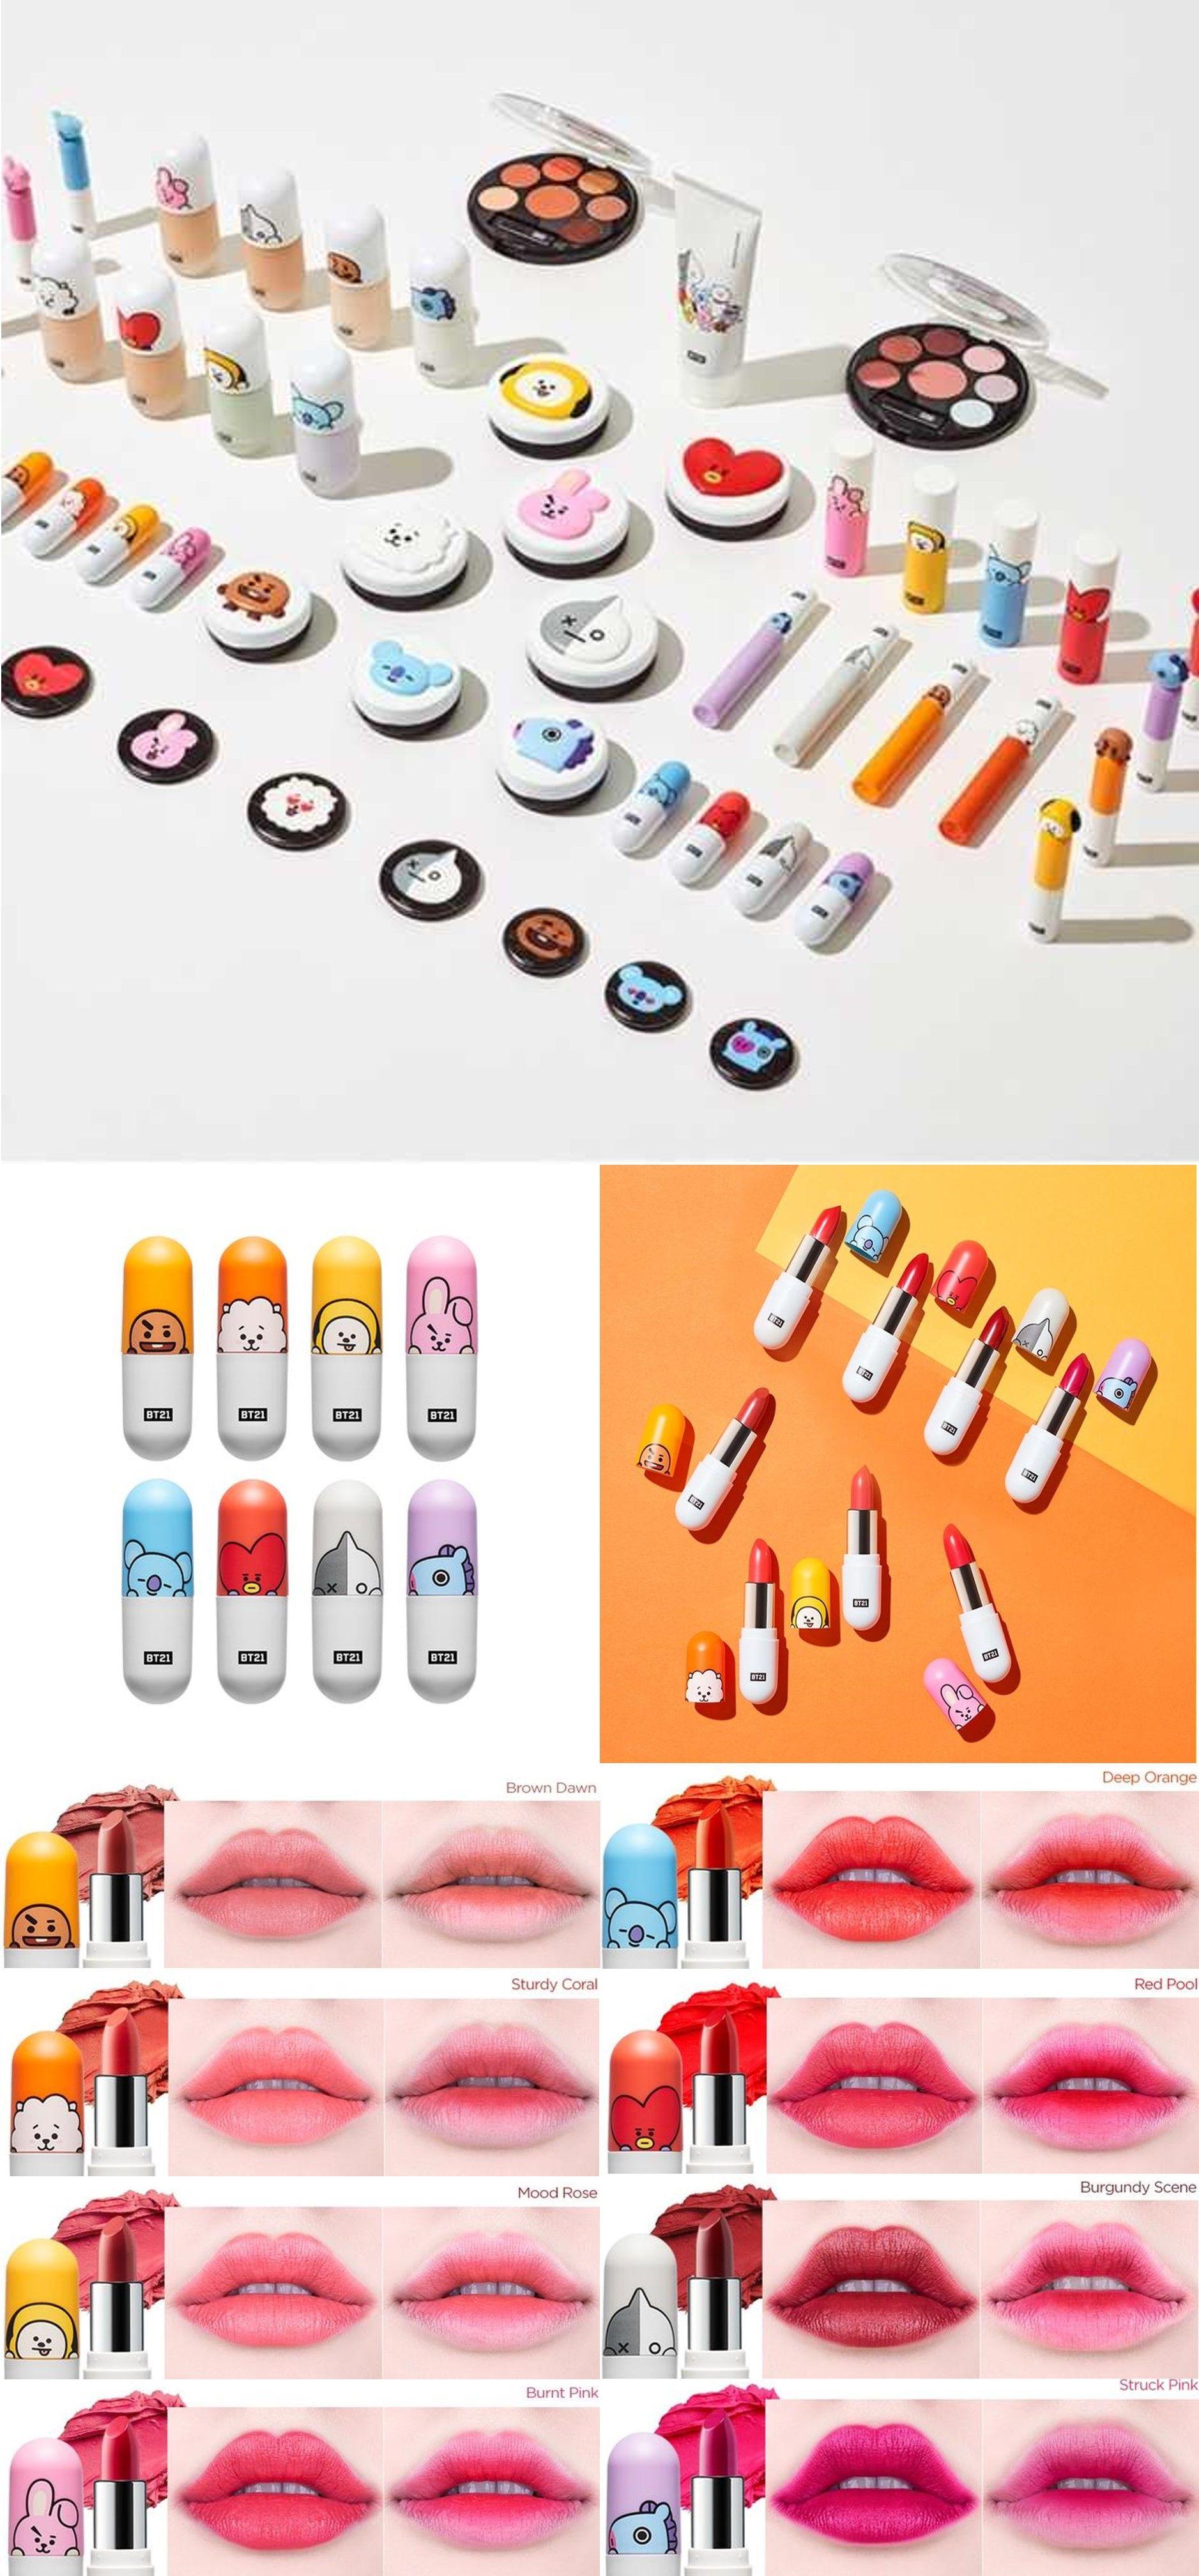 BT21 x VT - Lippie Stick in 2019 | Want | Bts makeup, Bts, Bts merch